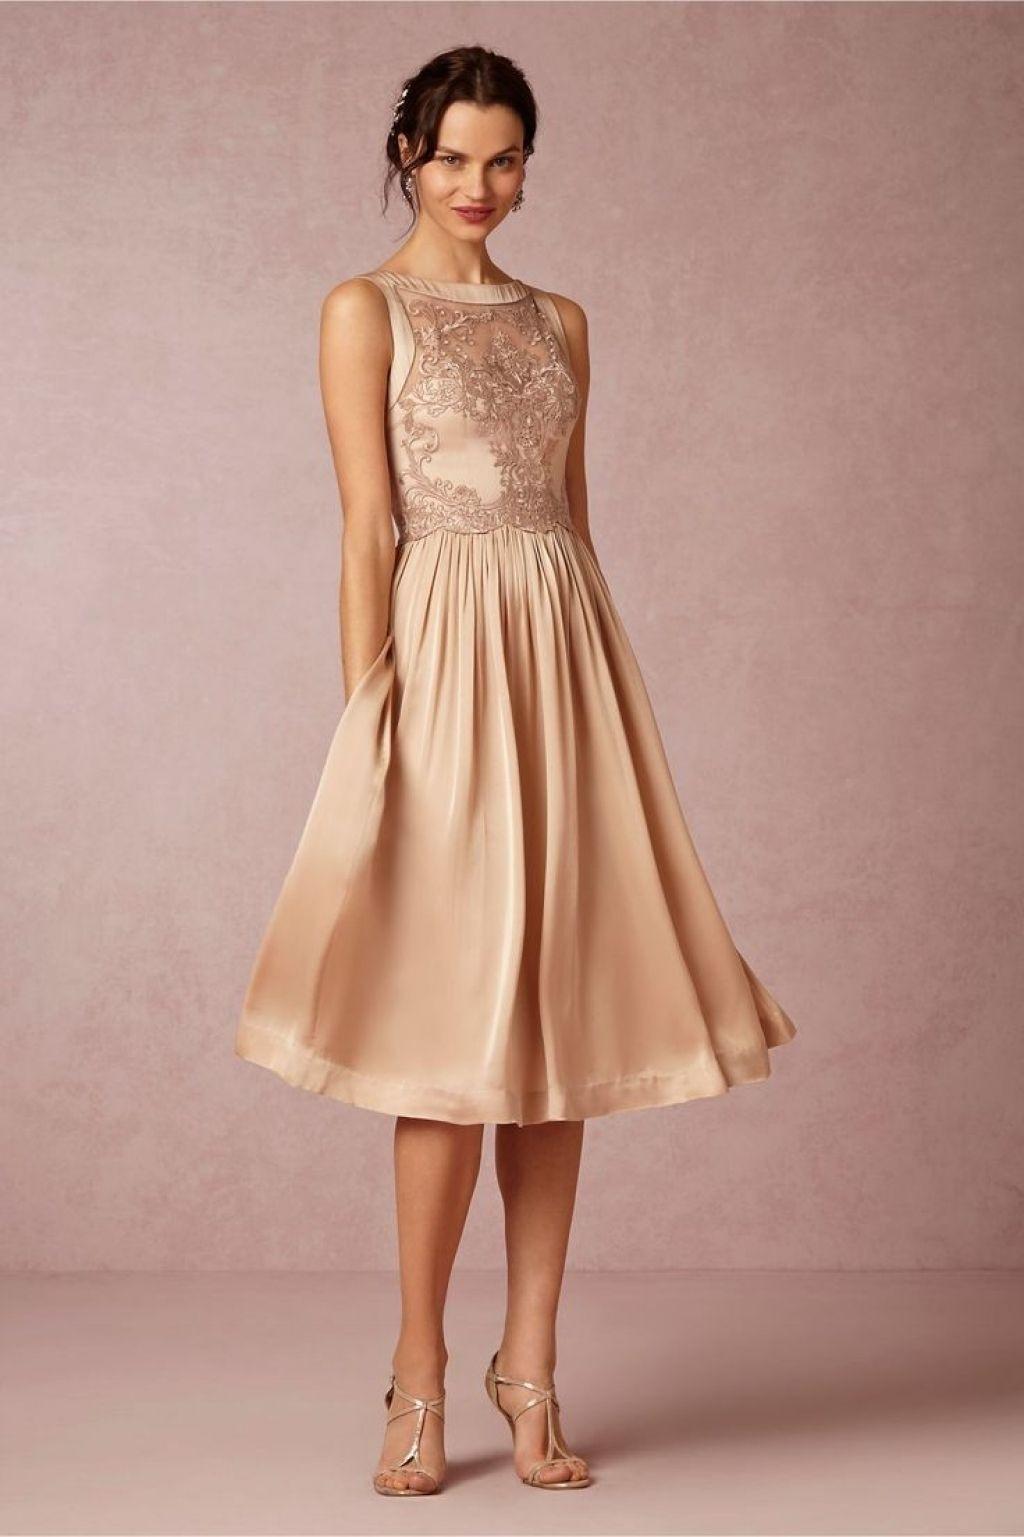 Formal Elegant Kleider Knielang Hochzeit Stylish - Abendkleid